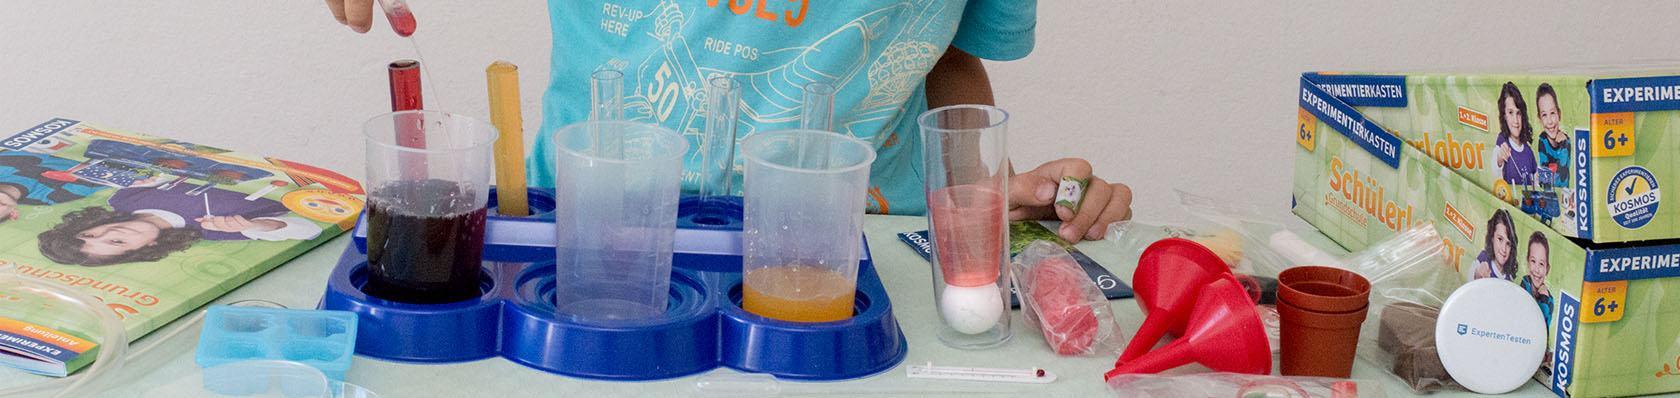 Chemiebaukästen im Test auf ExpertenTesten.de